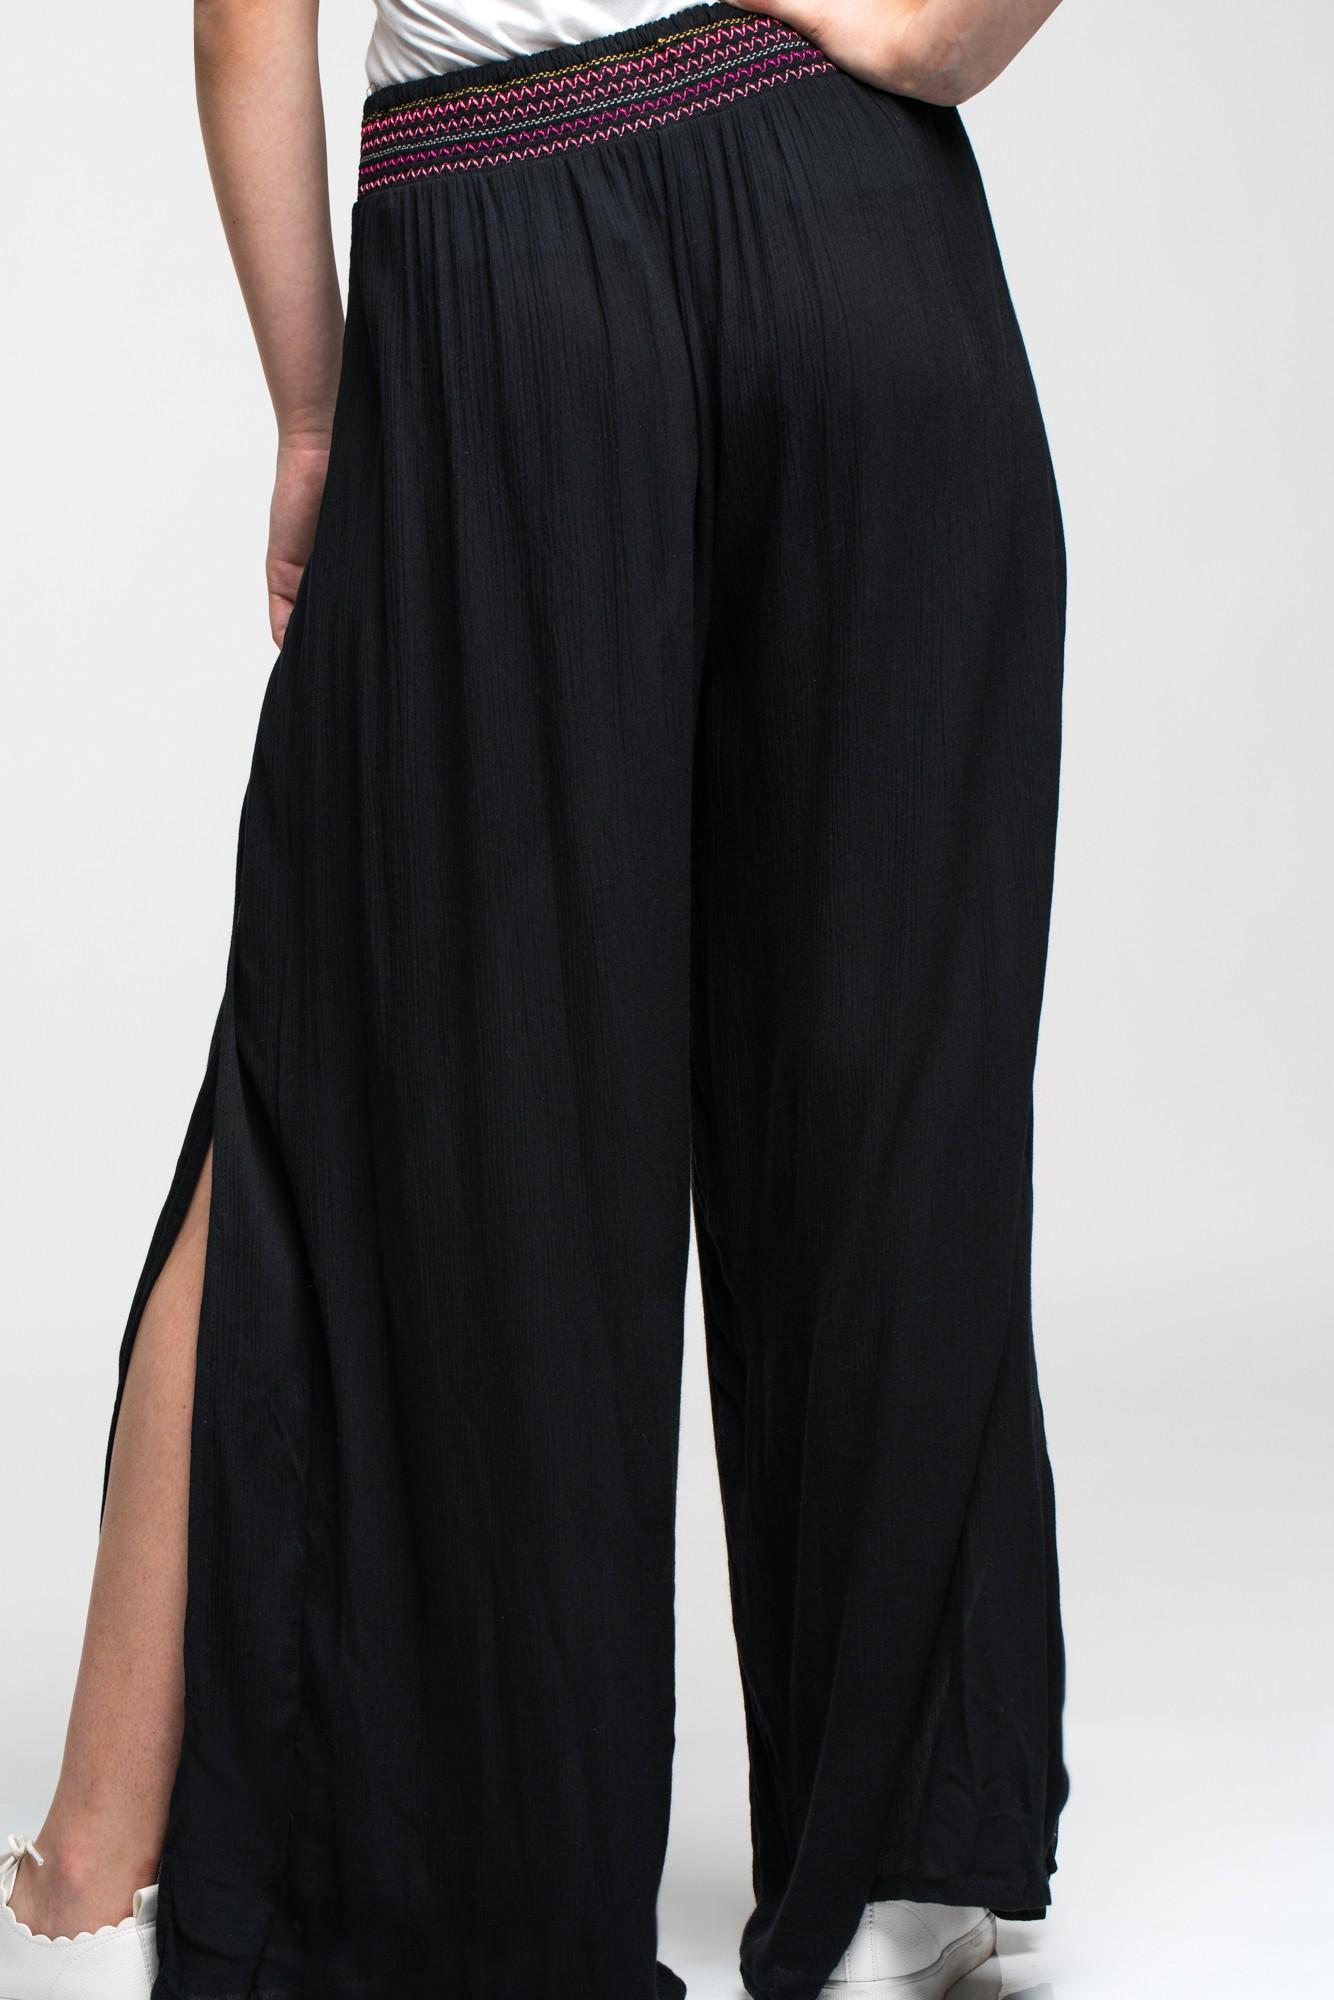 Pantaloni fusta negri despicati cu banda elastica multicolora